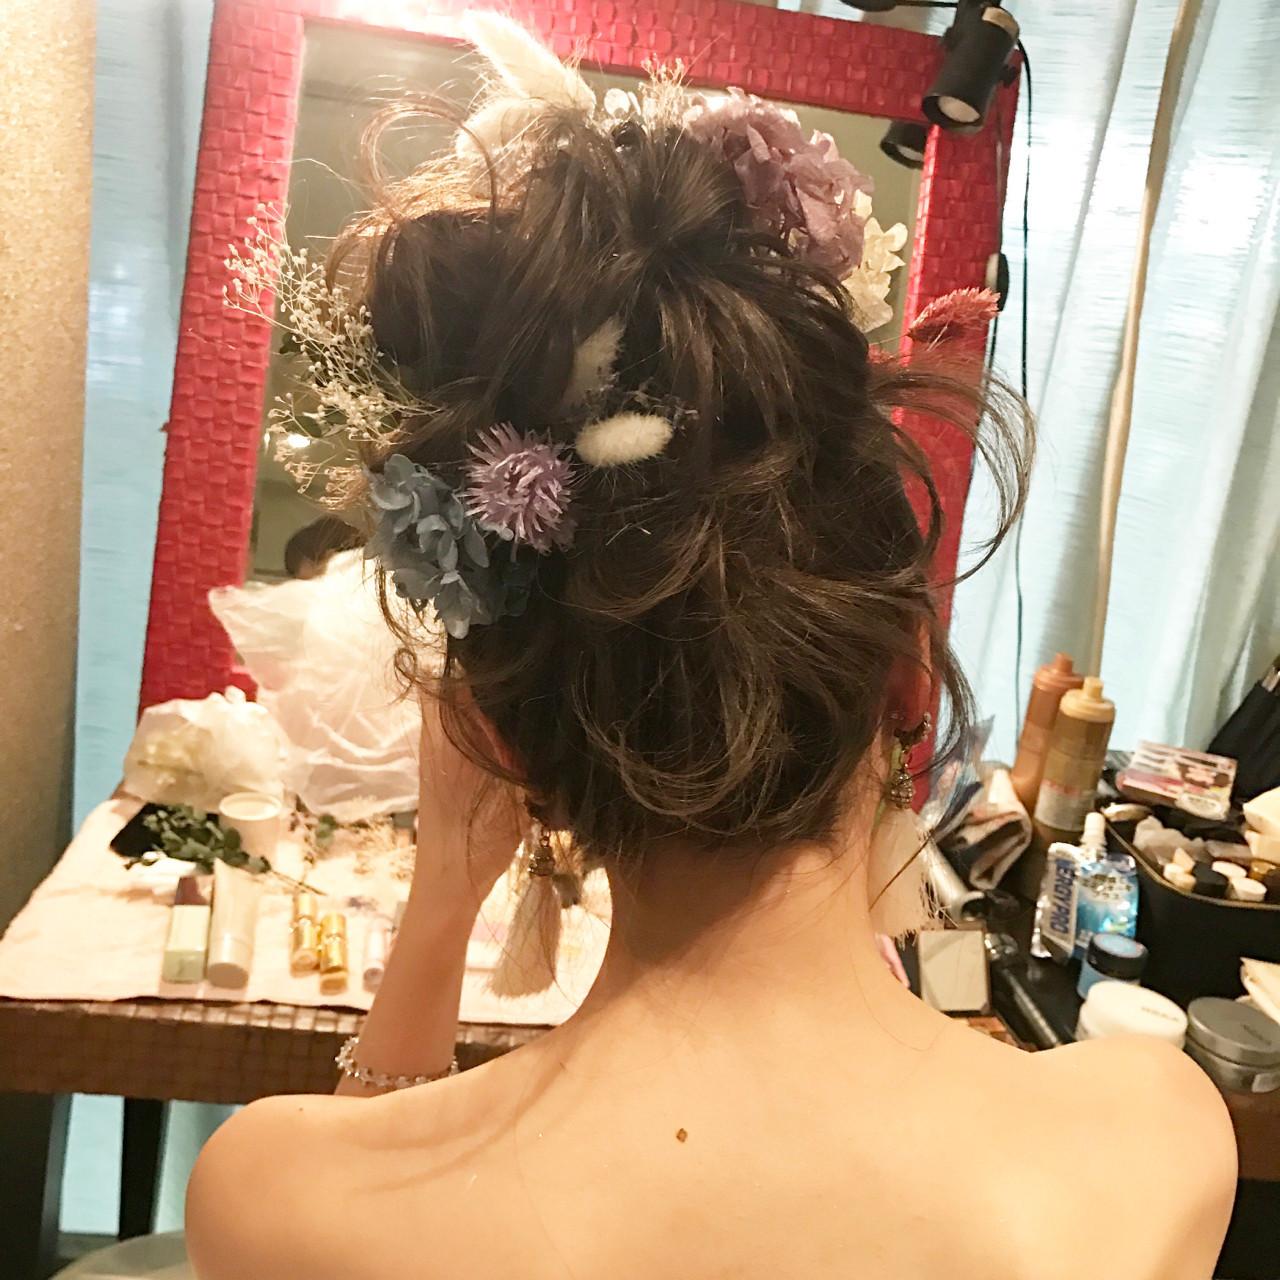 ブライダル フェミニン ロング お団子 ヘアスタイルや髪型の写真・画像